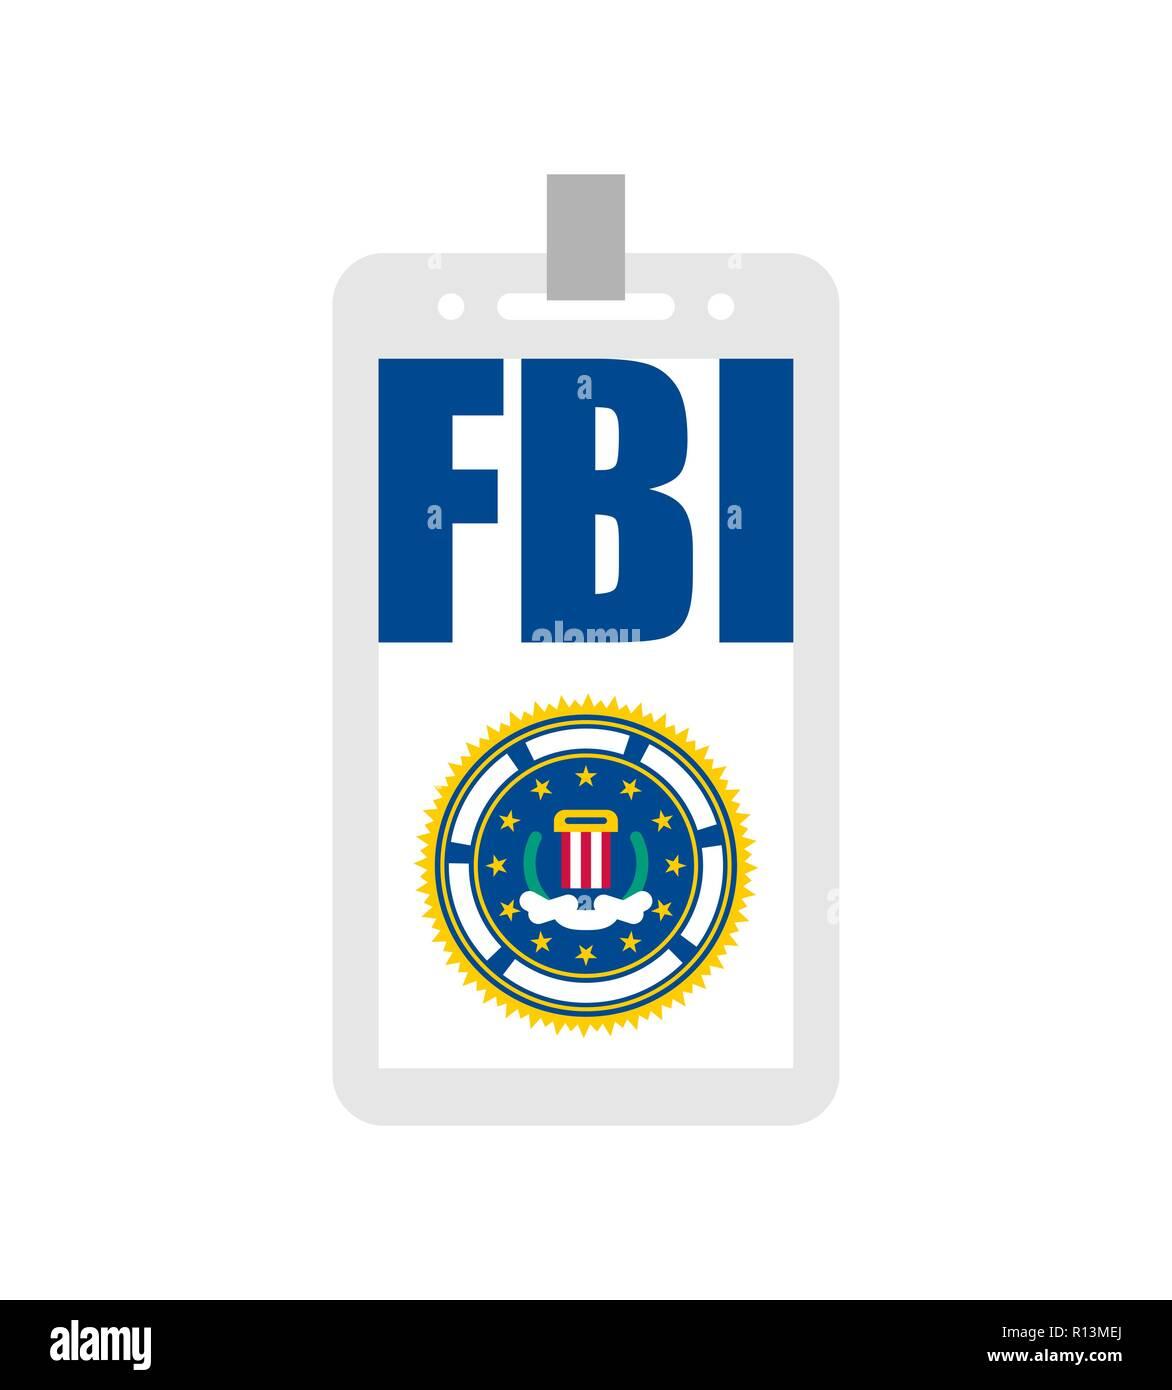 Fbi Badge Stock Photos & Fbi Badge Stock Images - Alamy